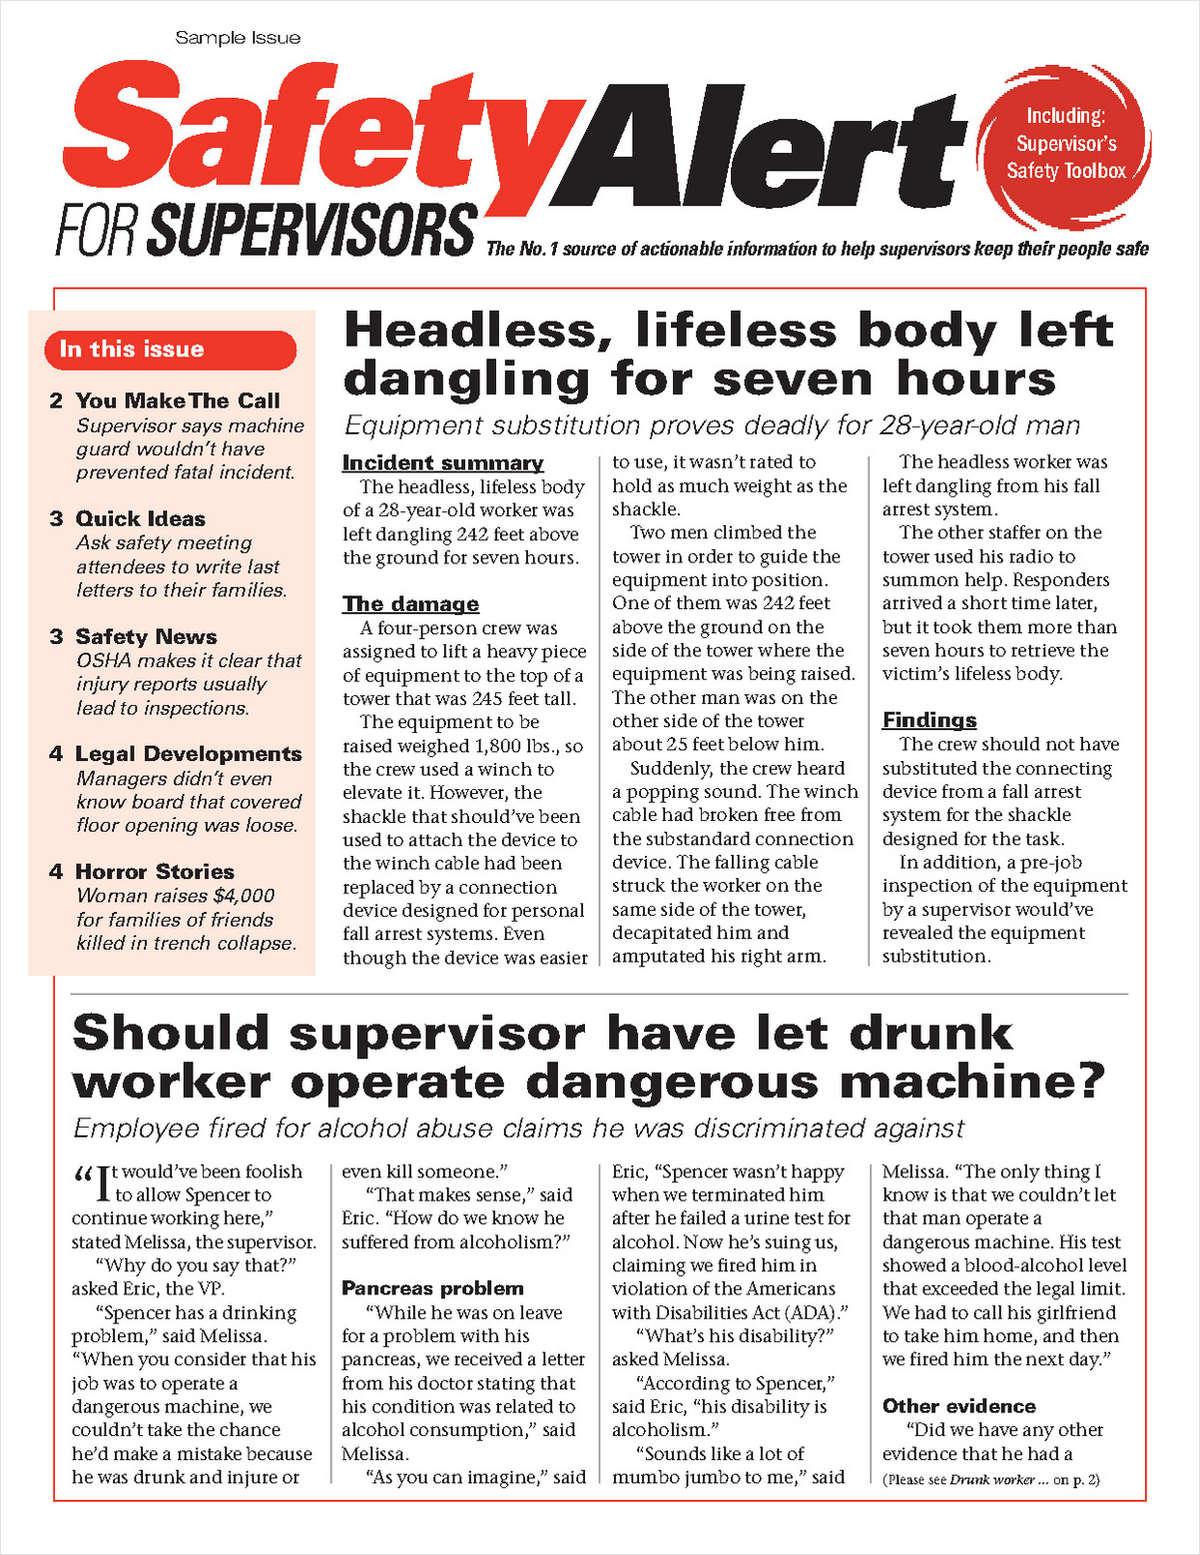 Safety Alert for Supervisors